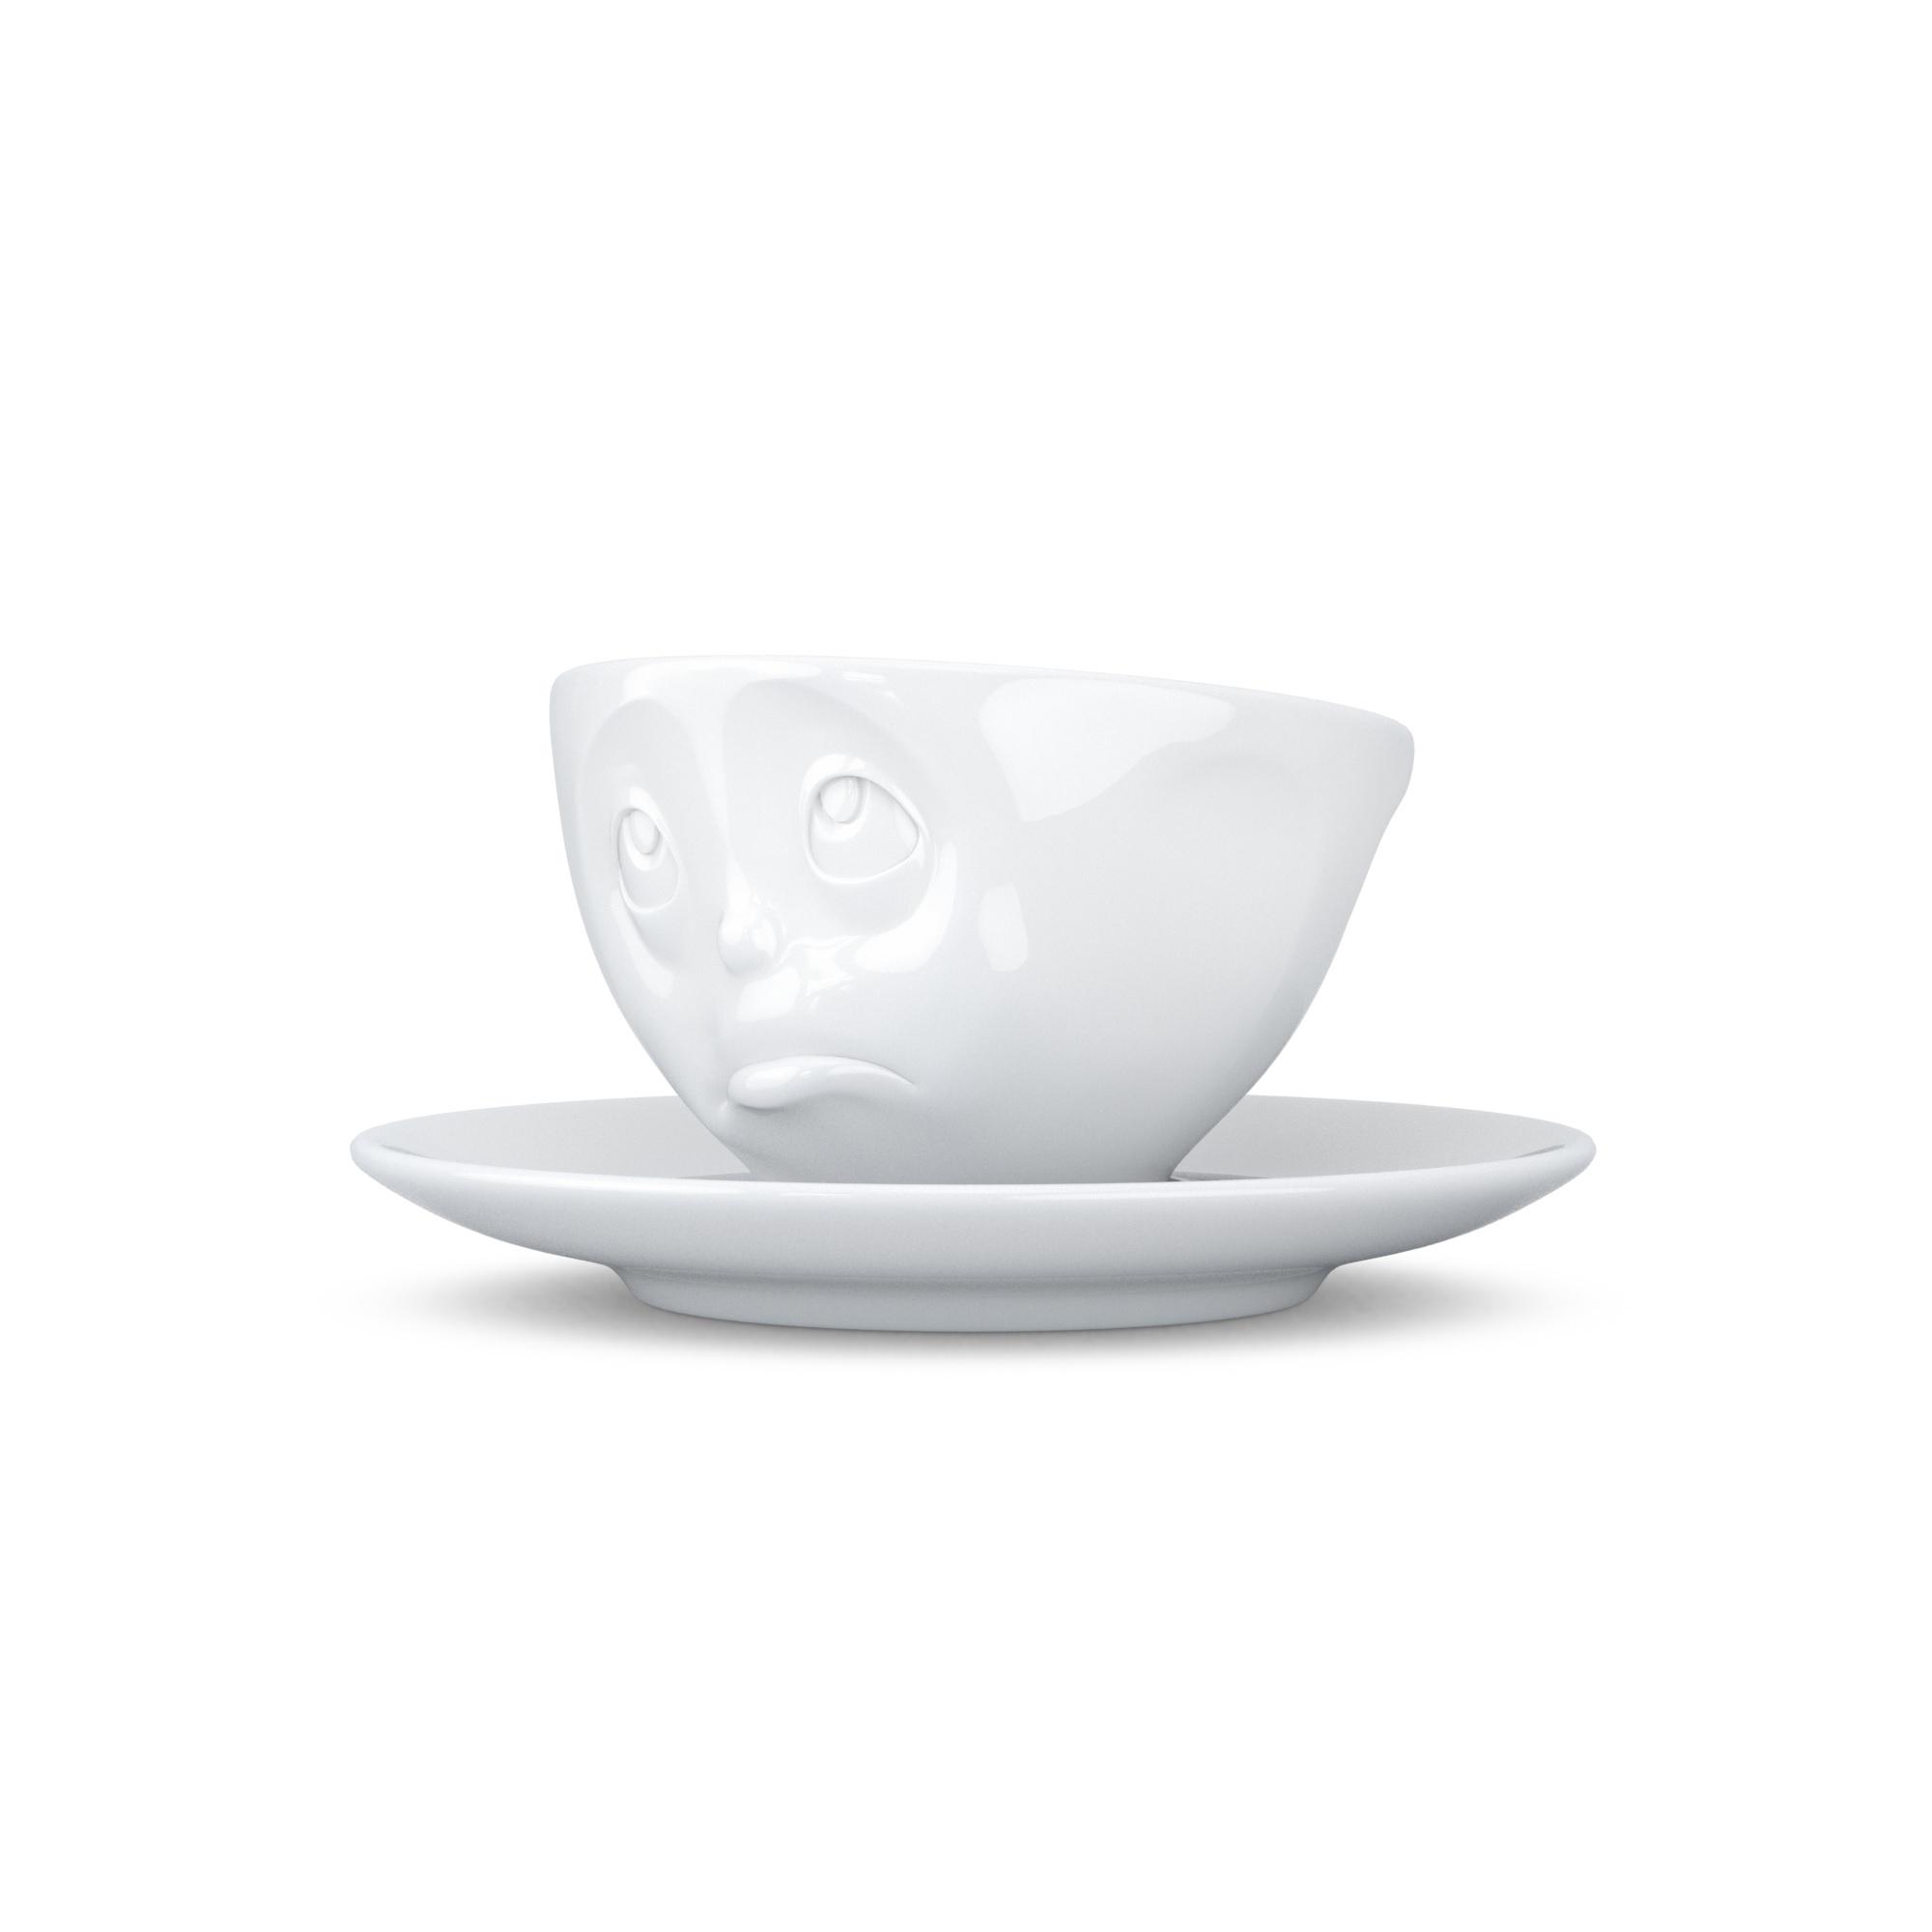 EspressoTasse-OchBitte-Weiß